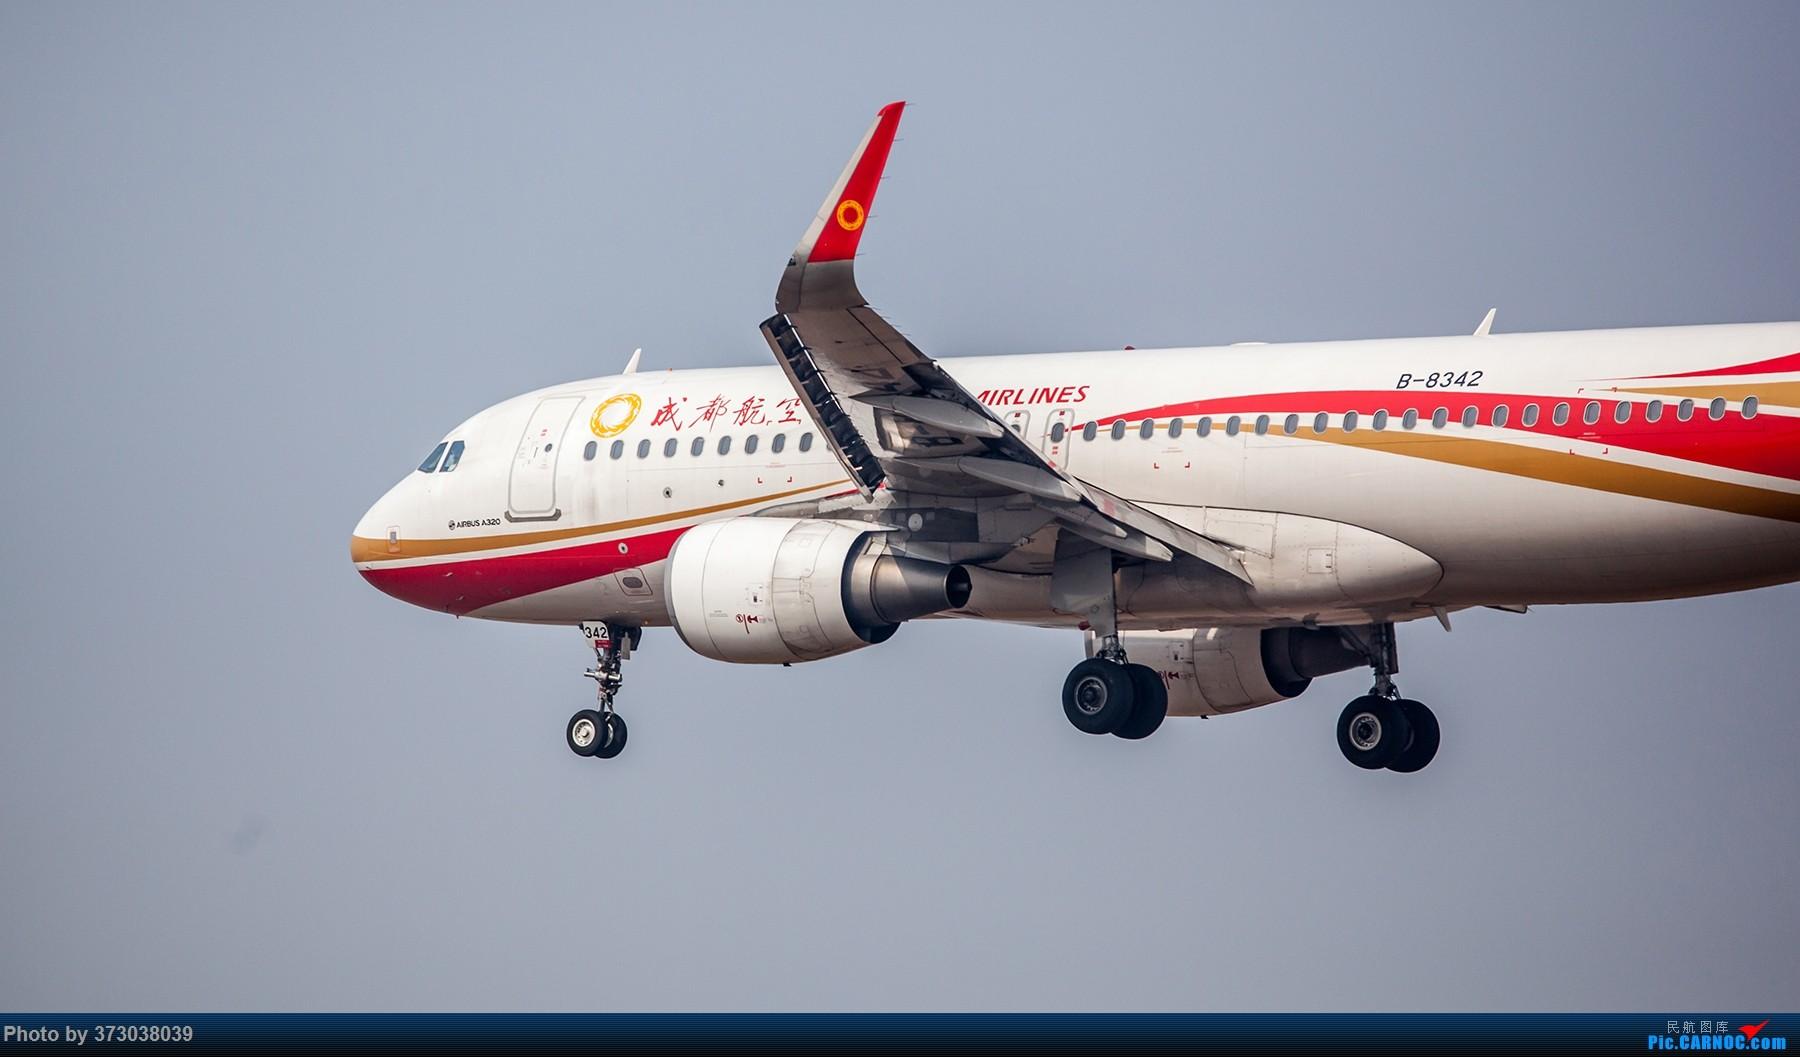 Re:[原创]【杭州飞友会】A320Neo迪士尼杭州萧山机场拍机班门弄斧记 AIRBUS A320-200 B-8342 中国杭州萧山国际机场